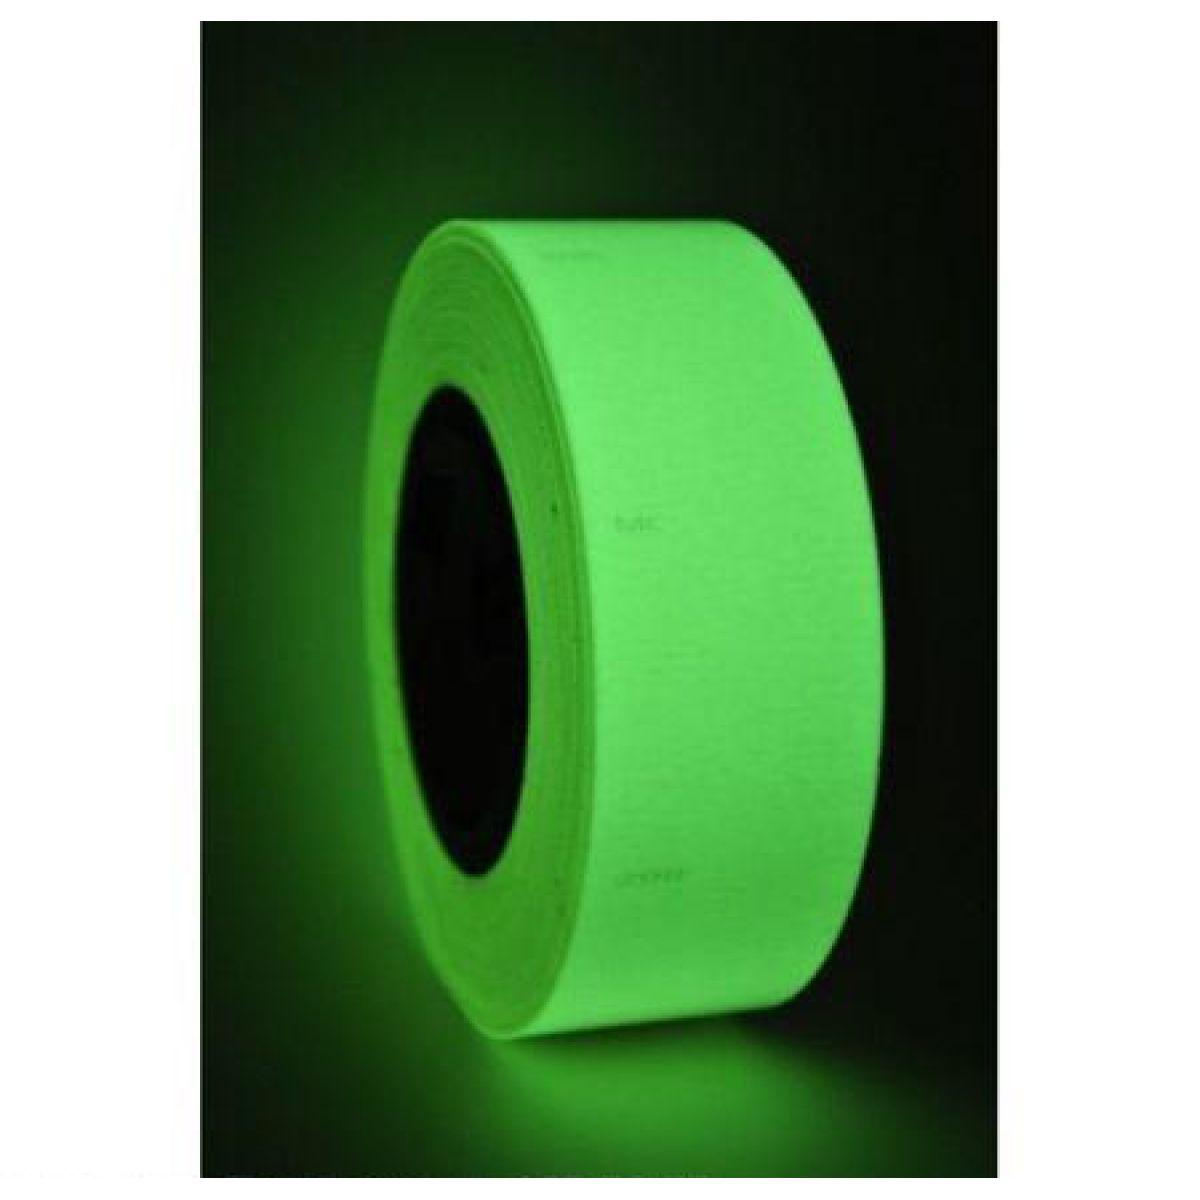 Фотолюминисцентная противоскользящая лента US530, белая